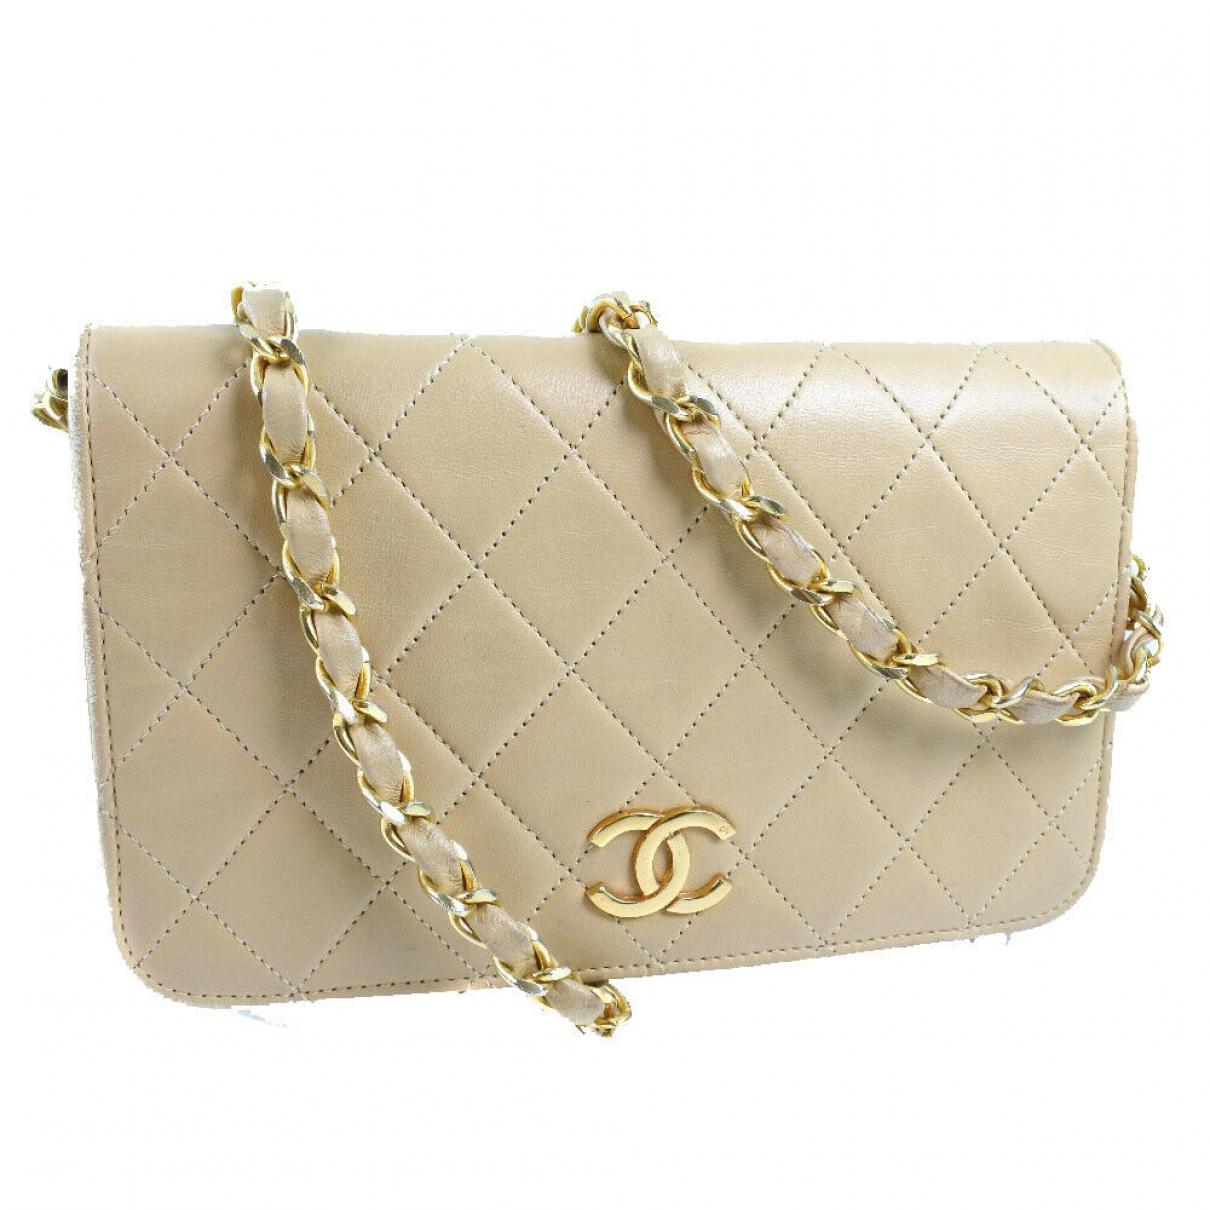 Chanel - Sac a main   pour femme en fourrure